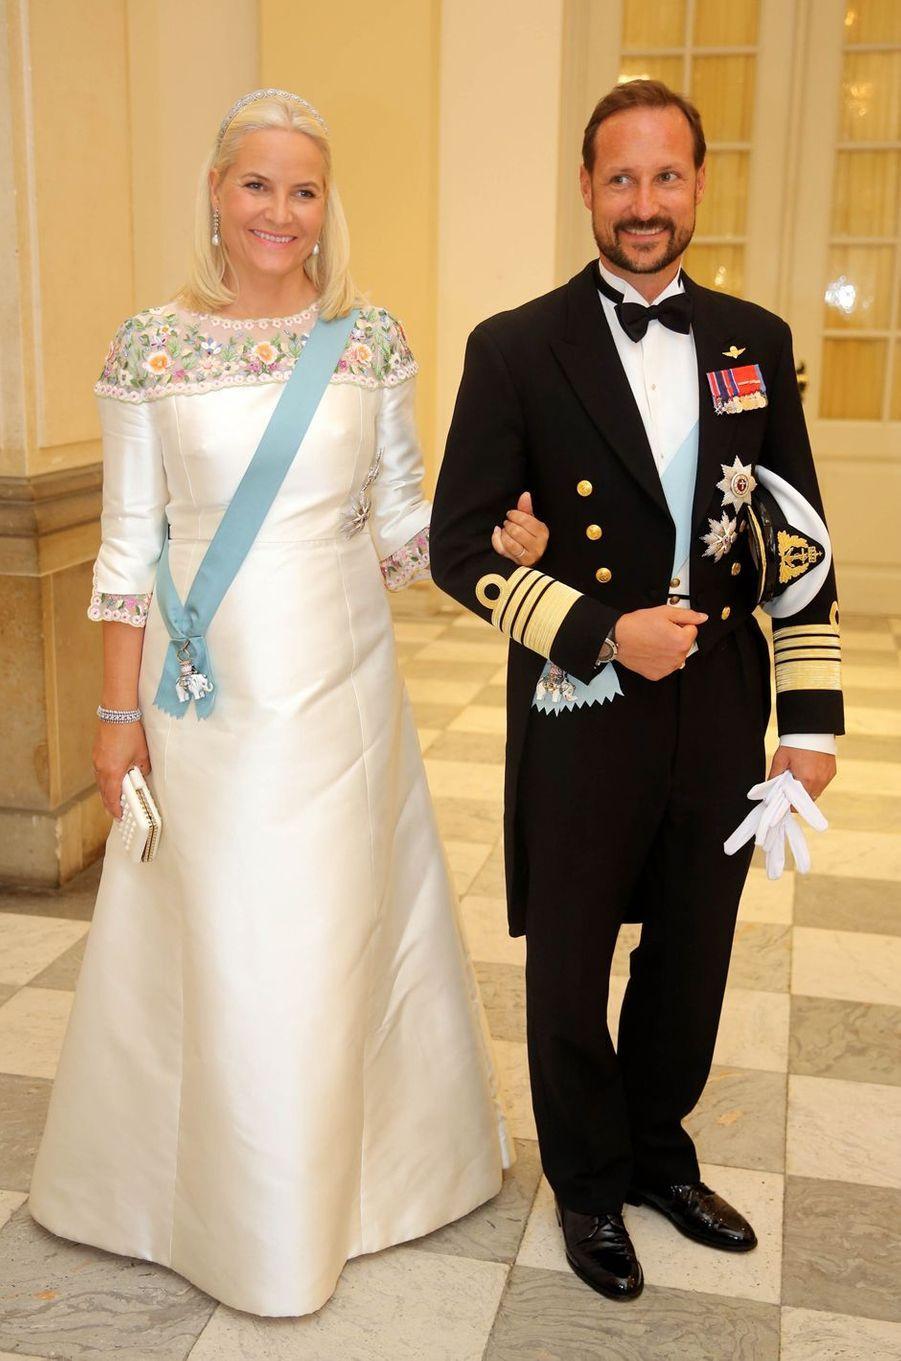 La princesse Mette-Marit et le prince Haakon de Norvège à Copenhague, le 26 mai 2018